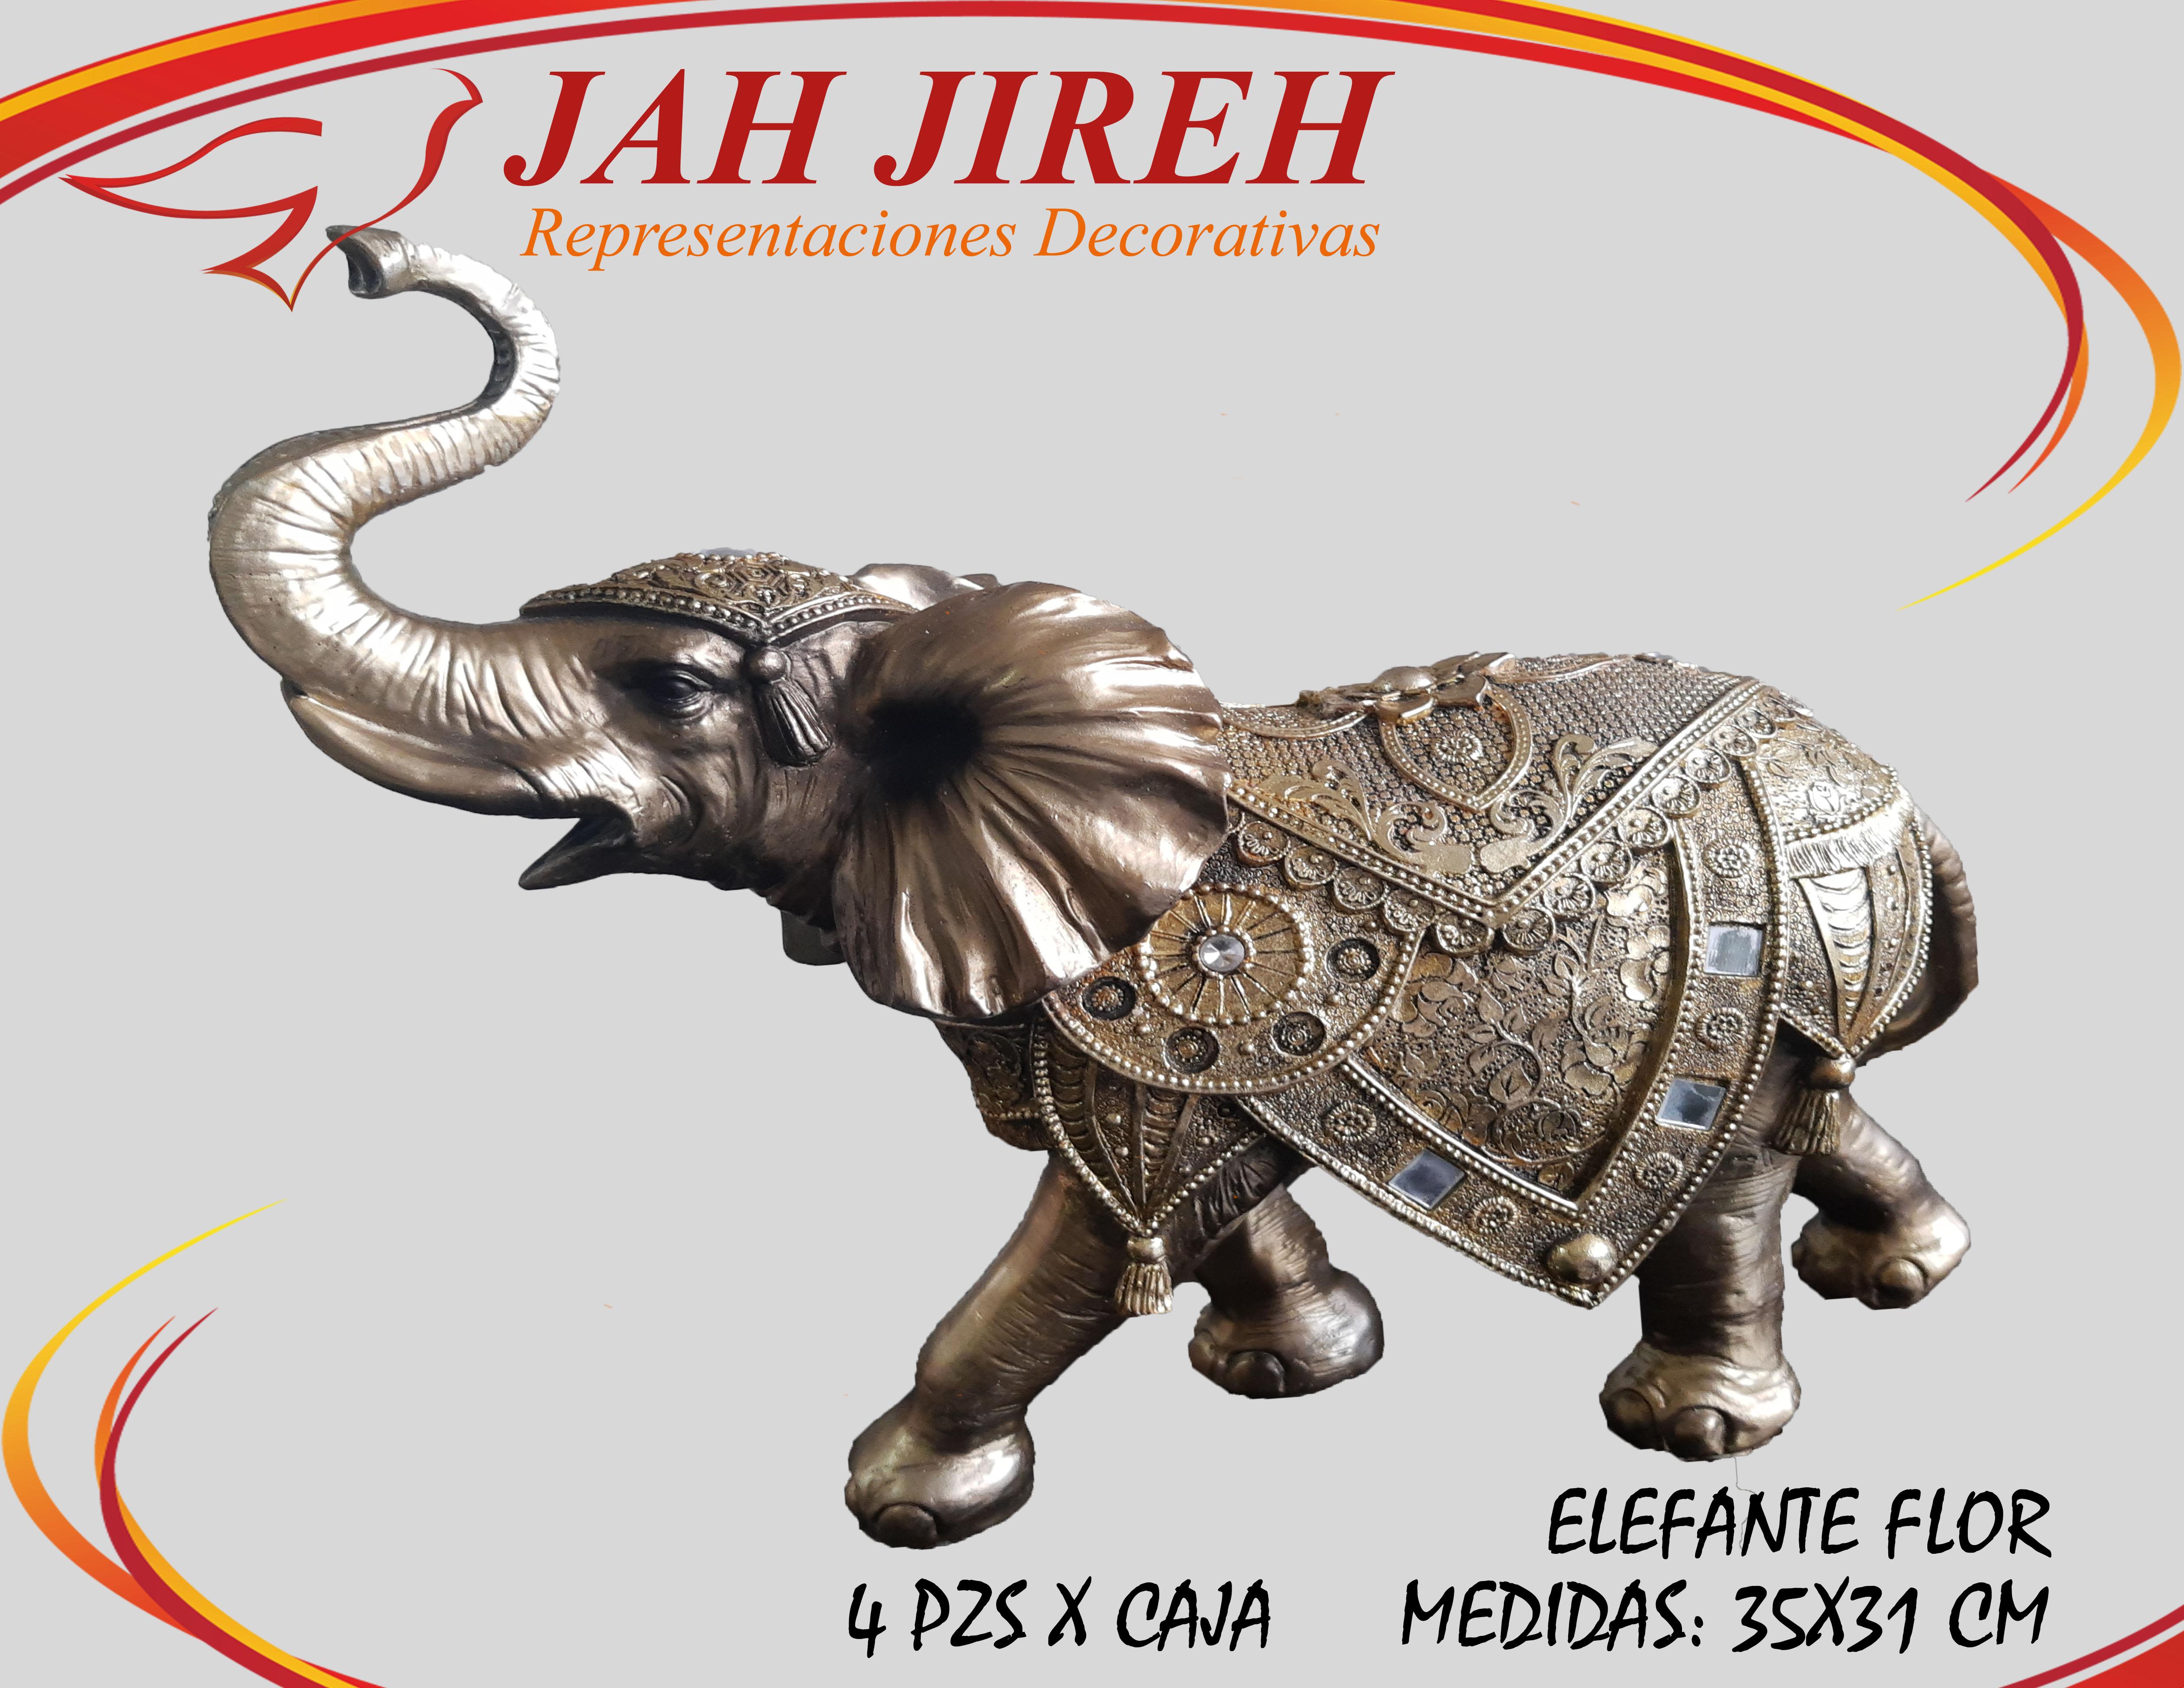 https://0201.nccdn.net/1_2/000/000/16a/a2d/elefante-flor.jpg